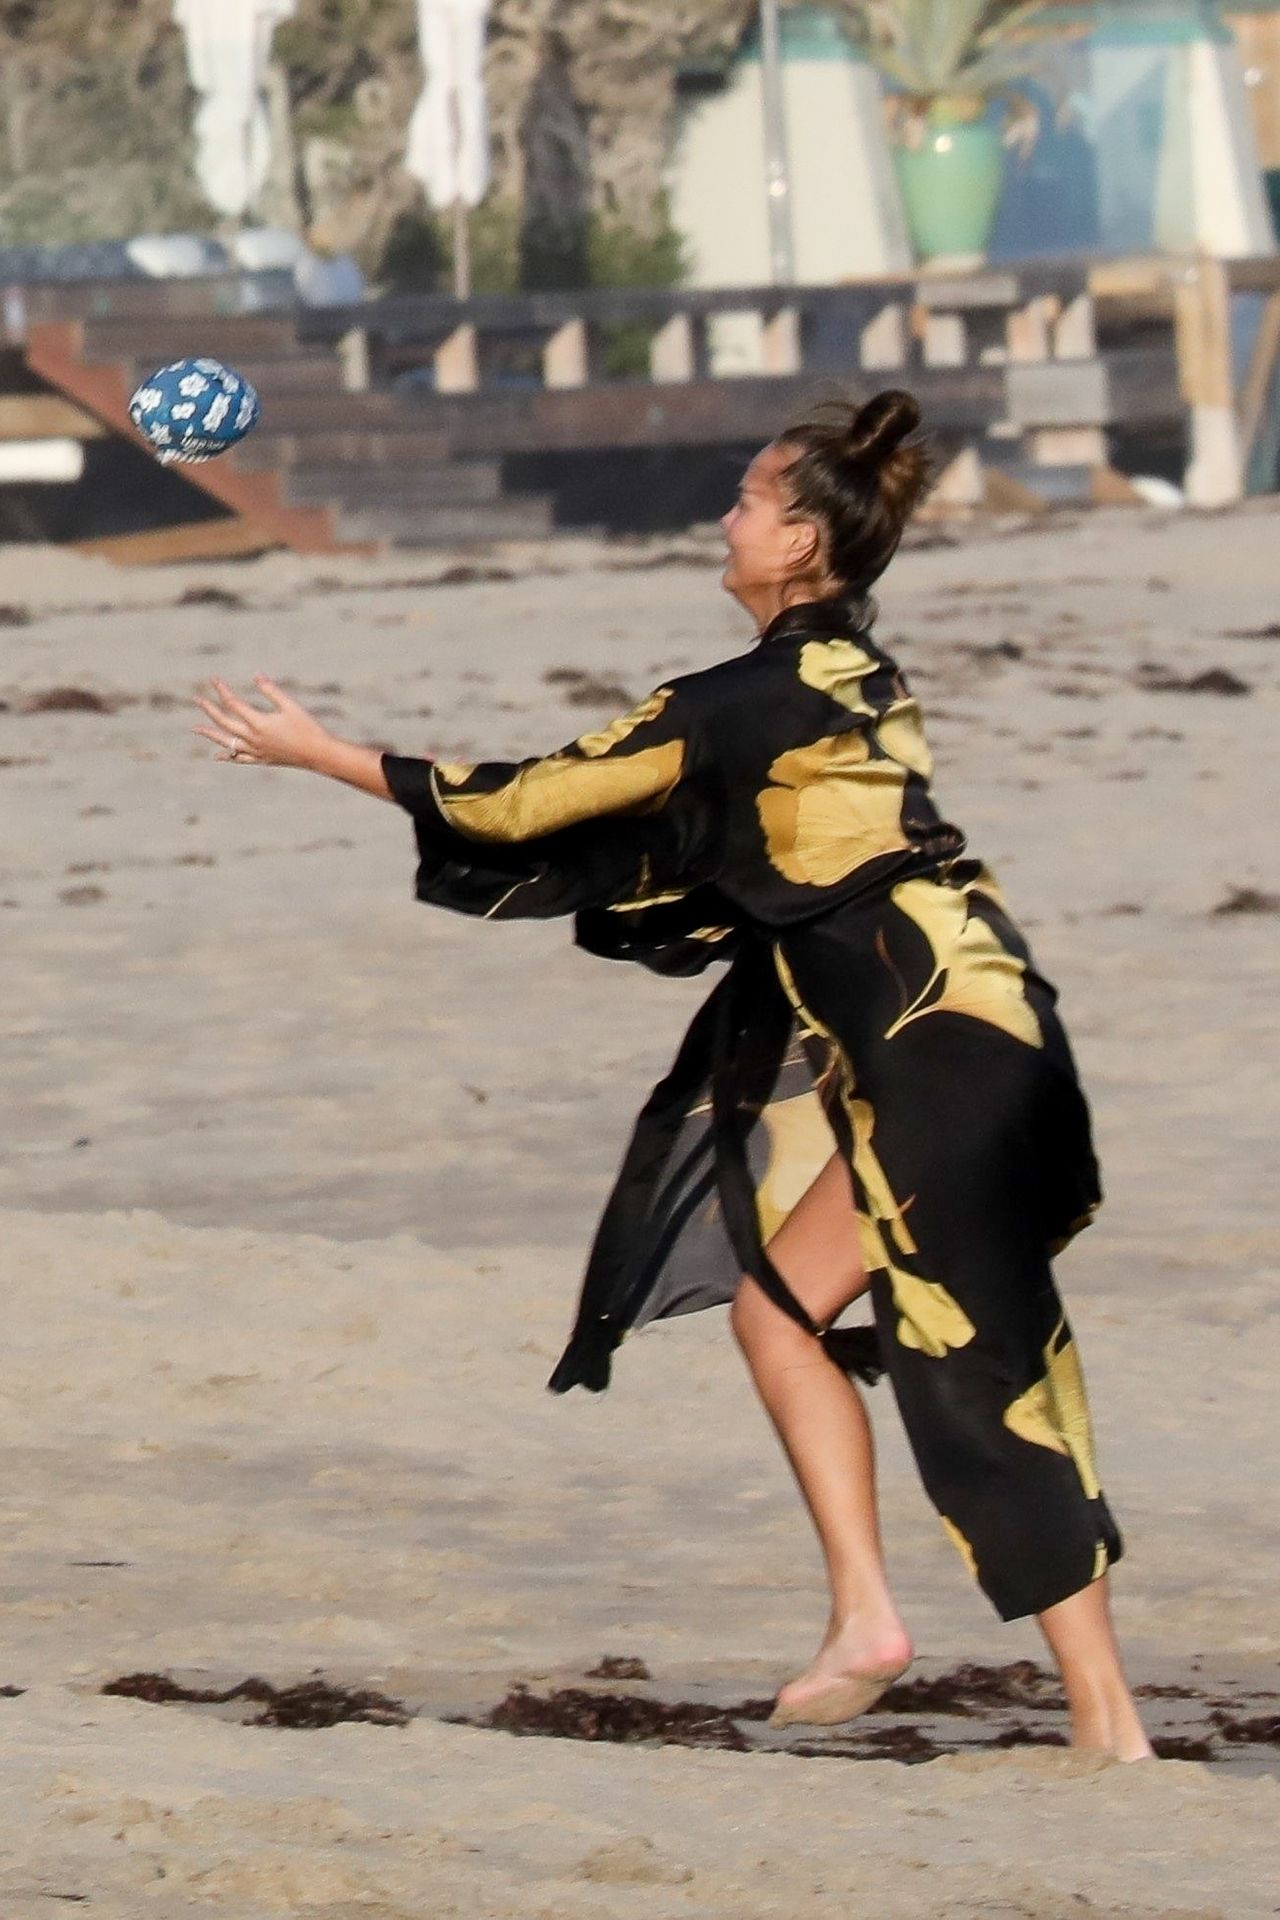 Chrissy Teigen Enjoys A Beach Day In Malibu Amid All Coronavirus Chaos 0029